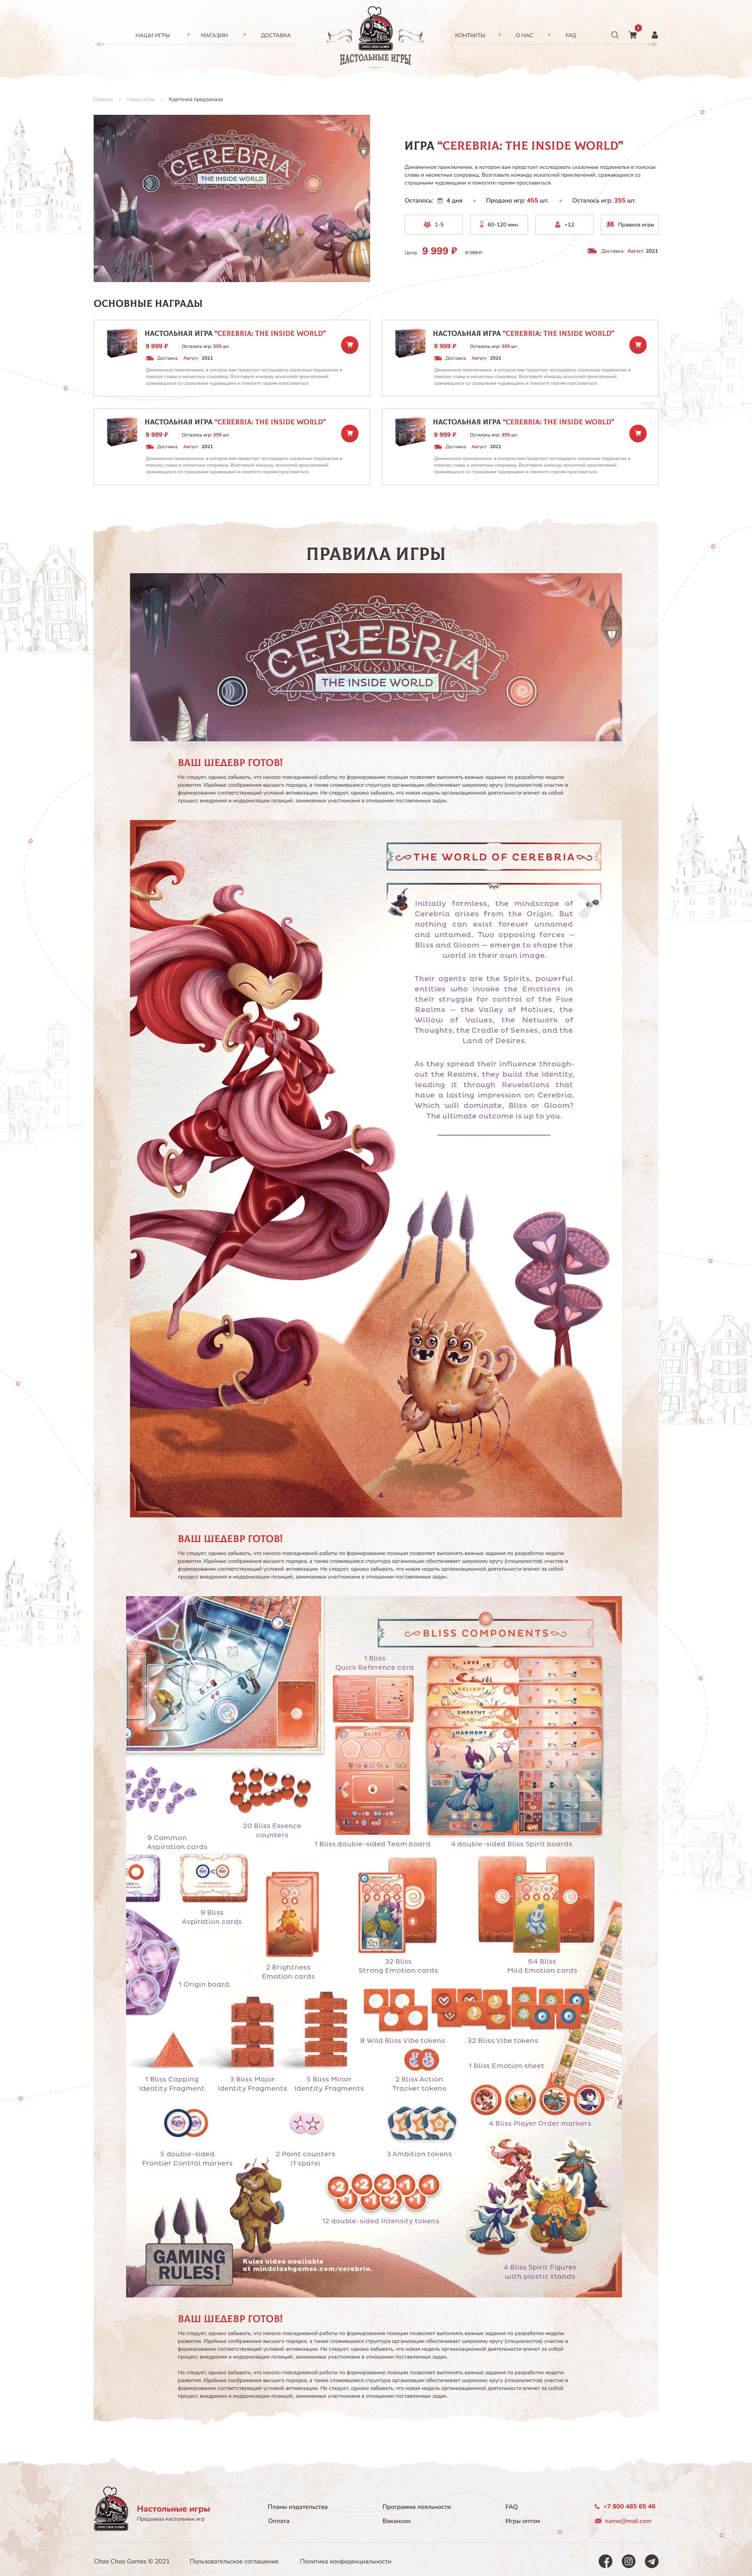 03_Card_Product_Choo_Choo_Games_1.0